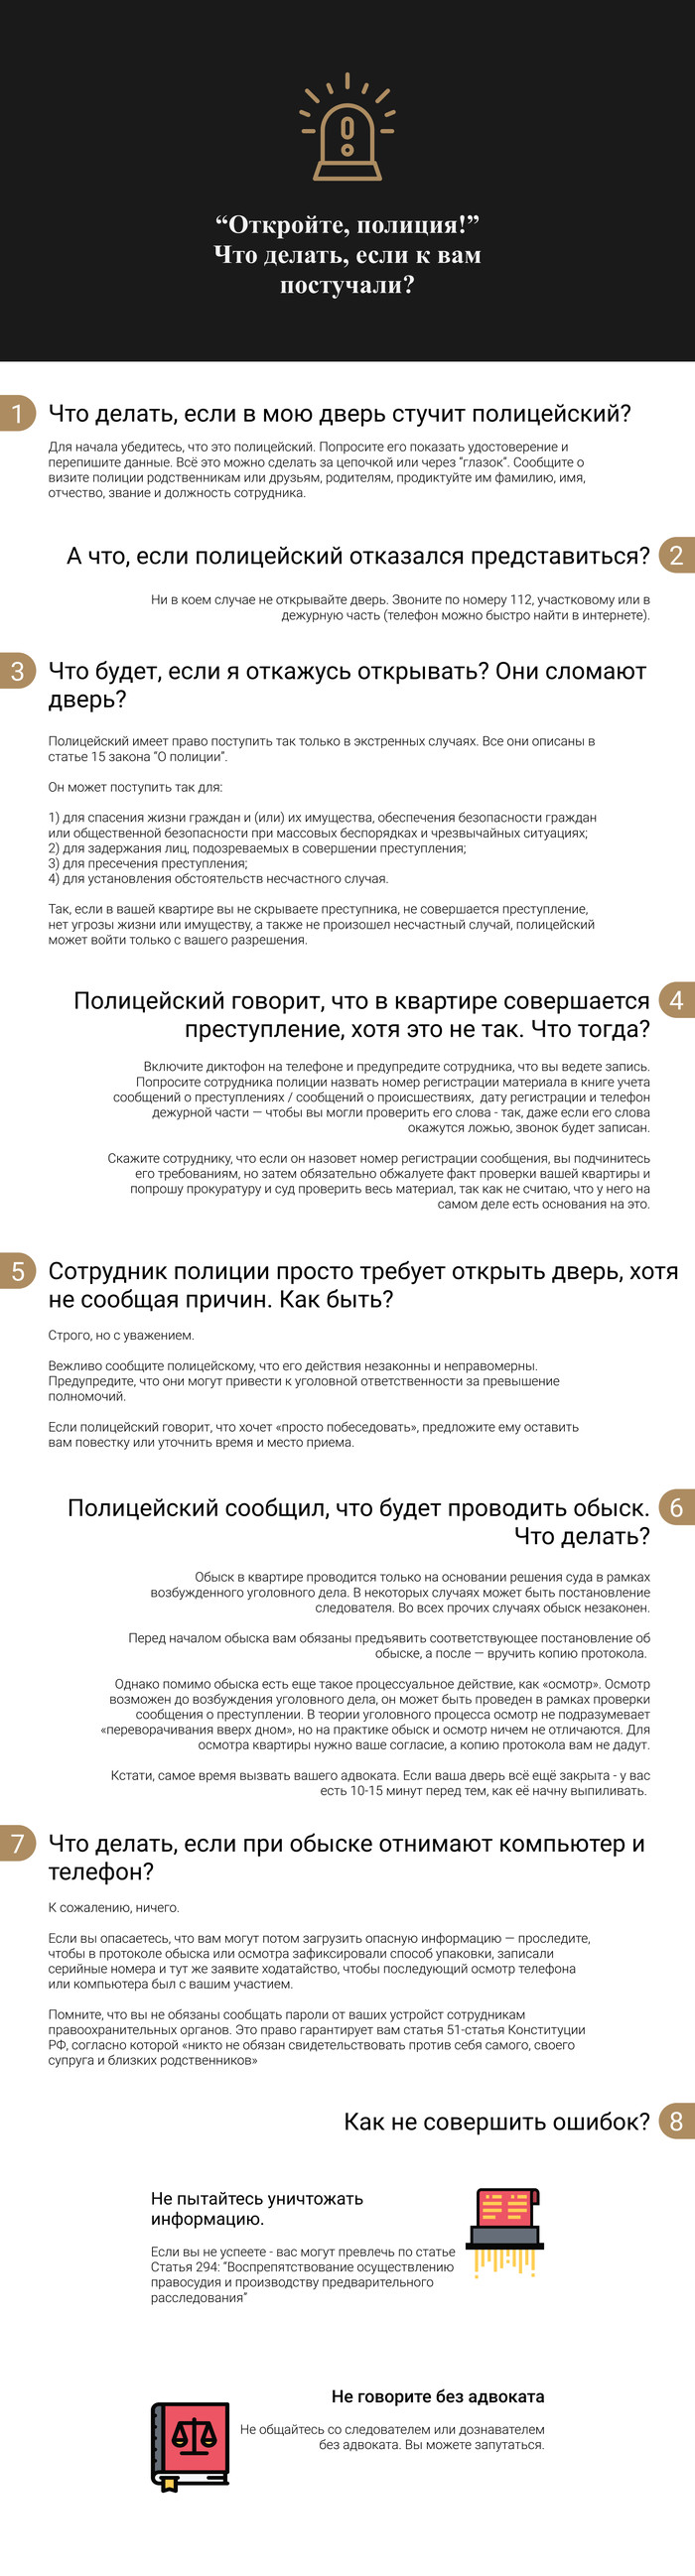 """Лонгрид: """"Откройте, полиция!"""" что делать, если к вам постучали? Полиция, Следствие, Законы РФ, Внутренняя политика, Что делать, Длиннопост"""